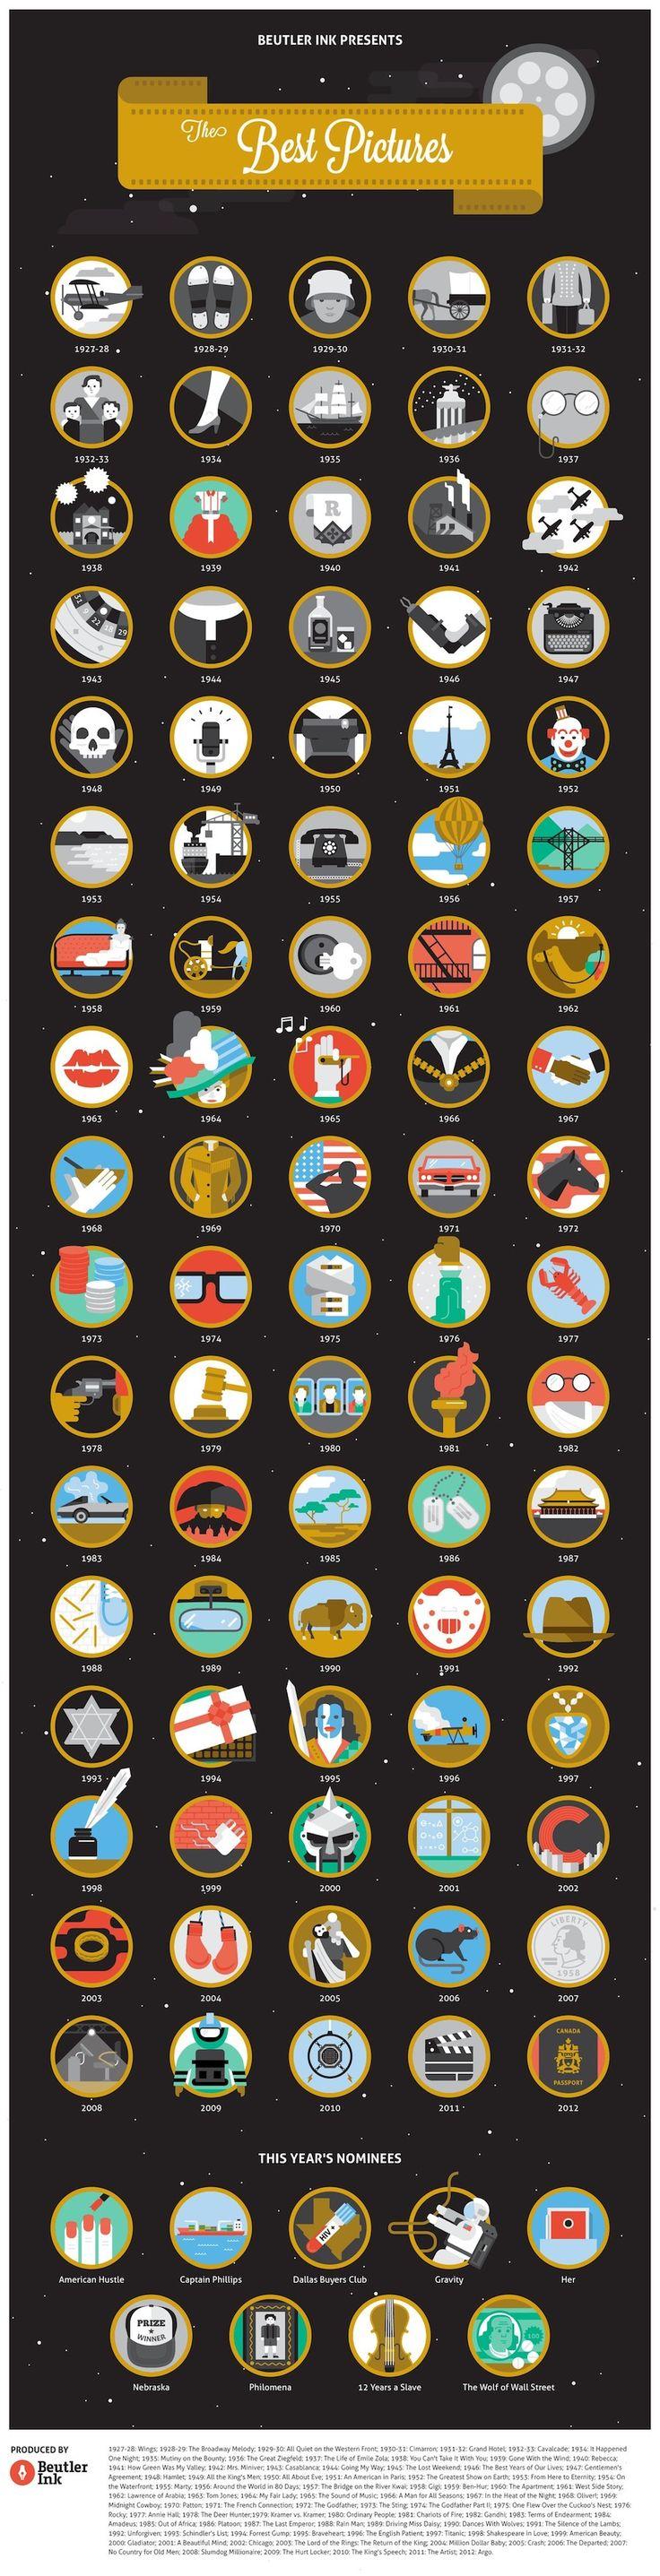 Ícones representam filmes ganhadores do Oscar